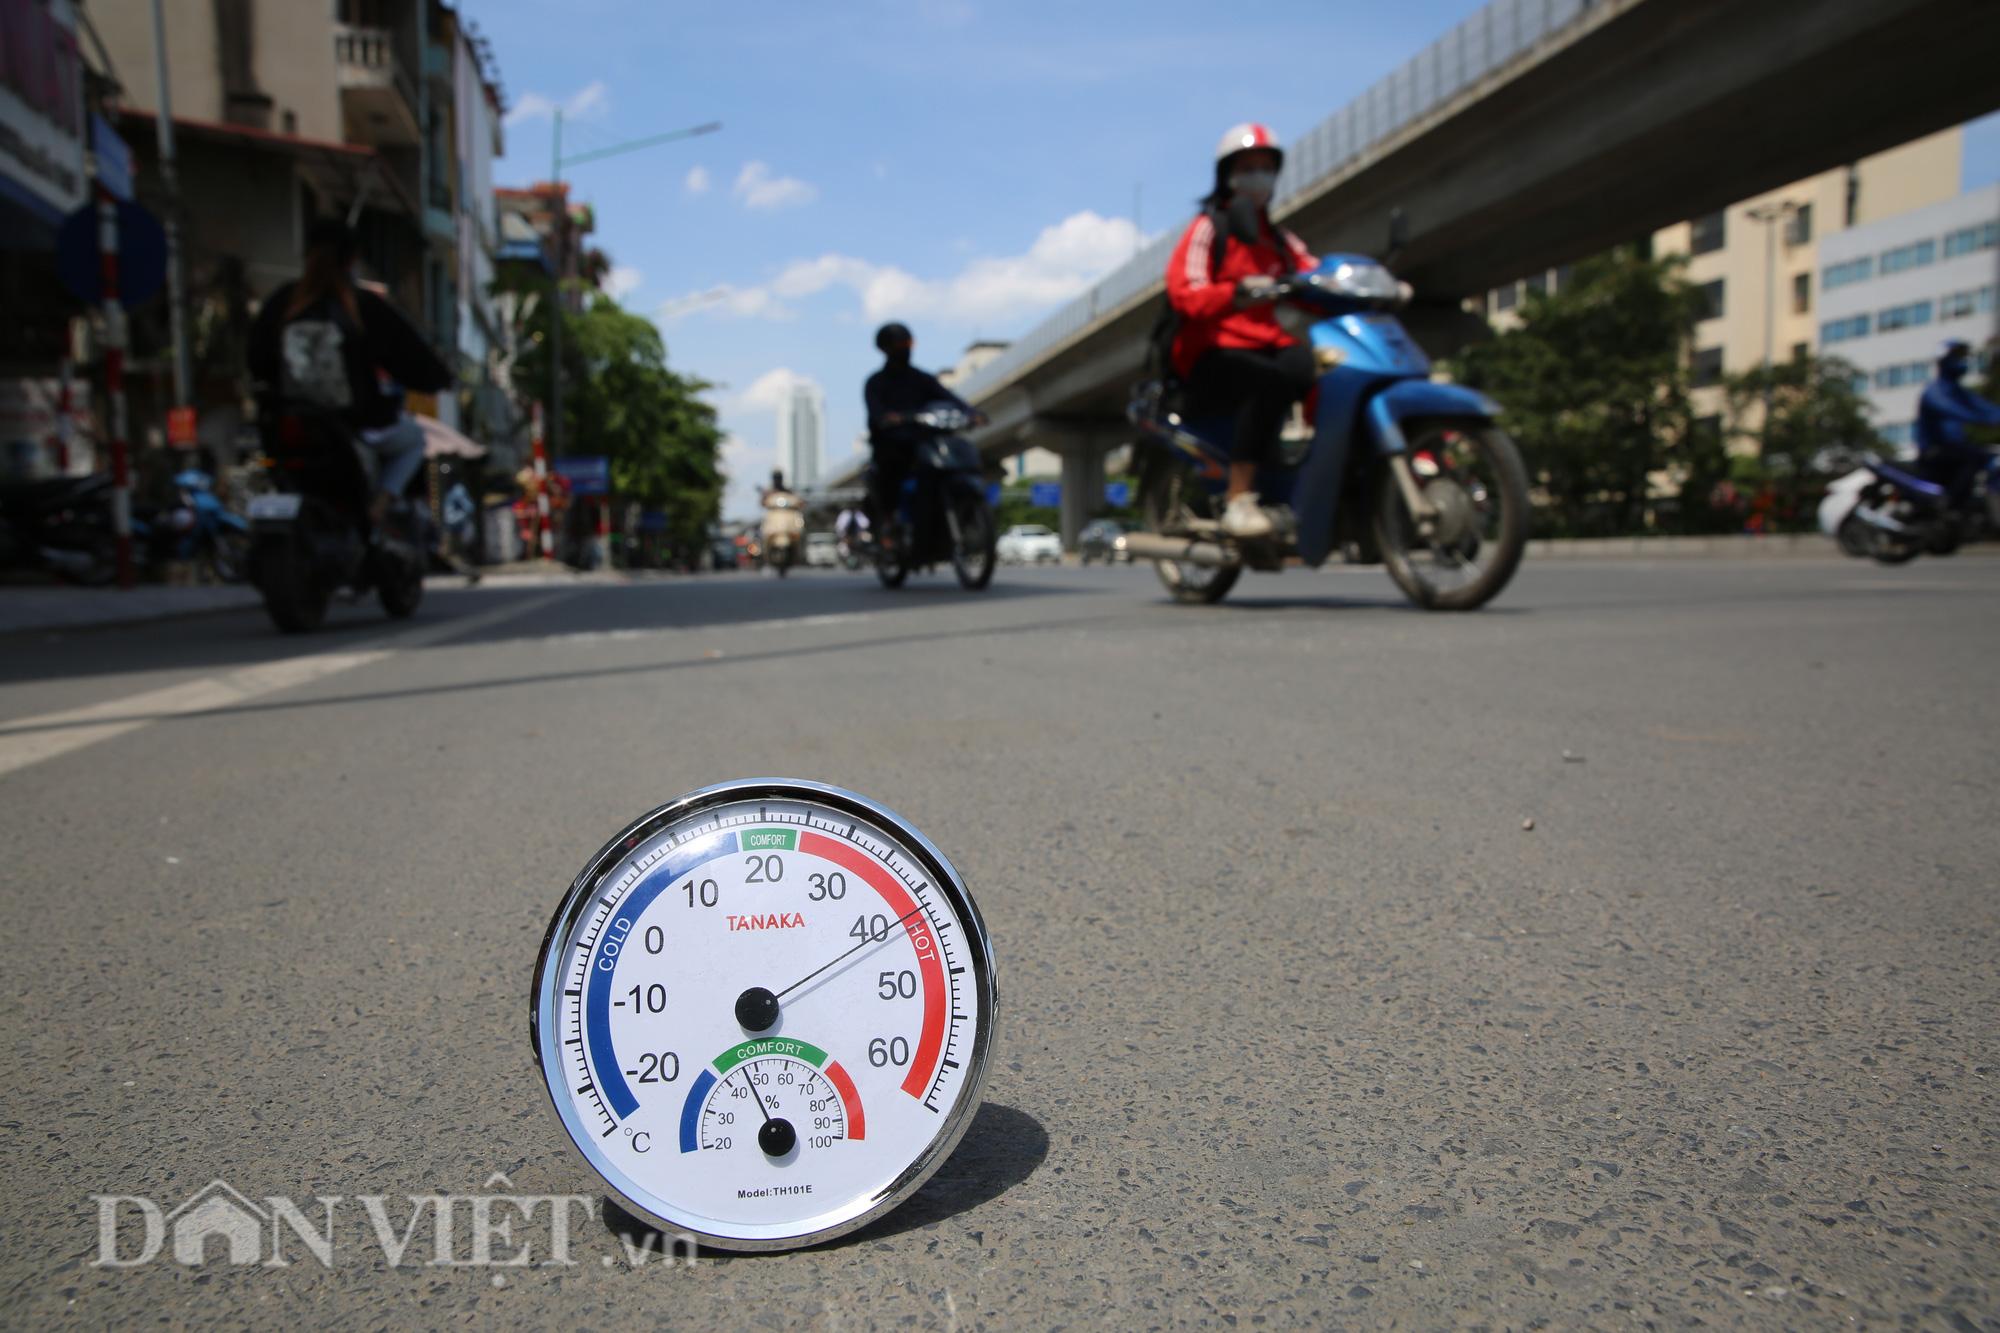 """Đường phố Hà Nội """"bốc hơi"""", người đi đường khốn khổ trong cái nắng 42 độ C - Ảnh 3."""